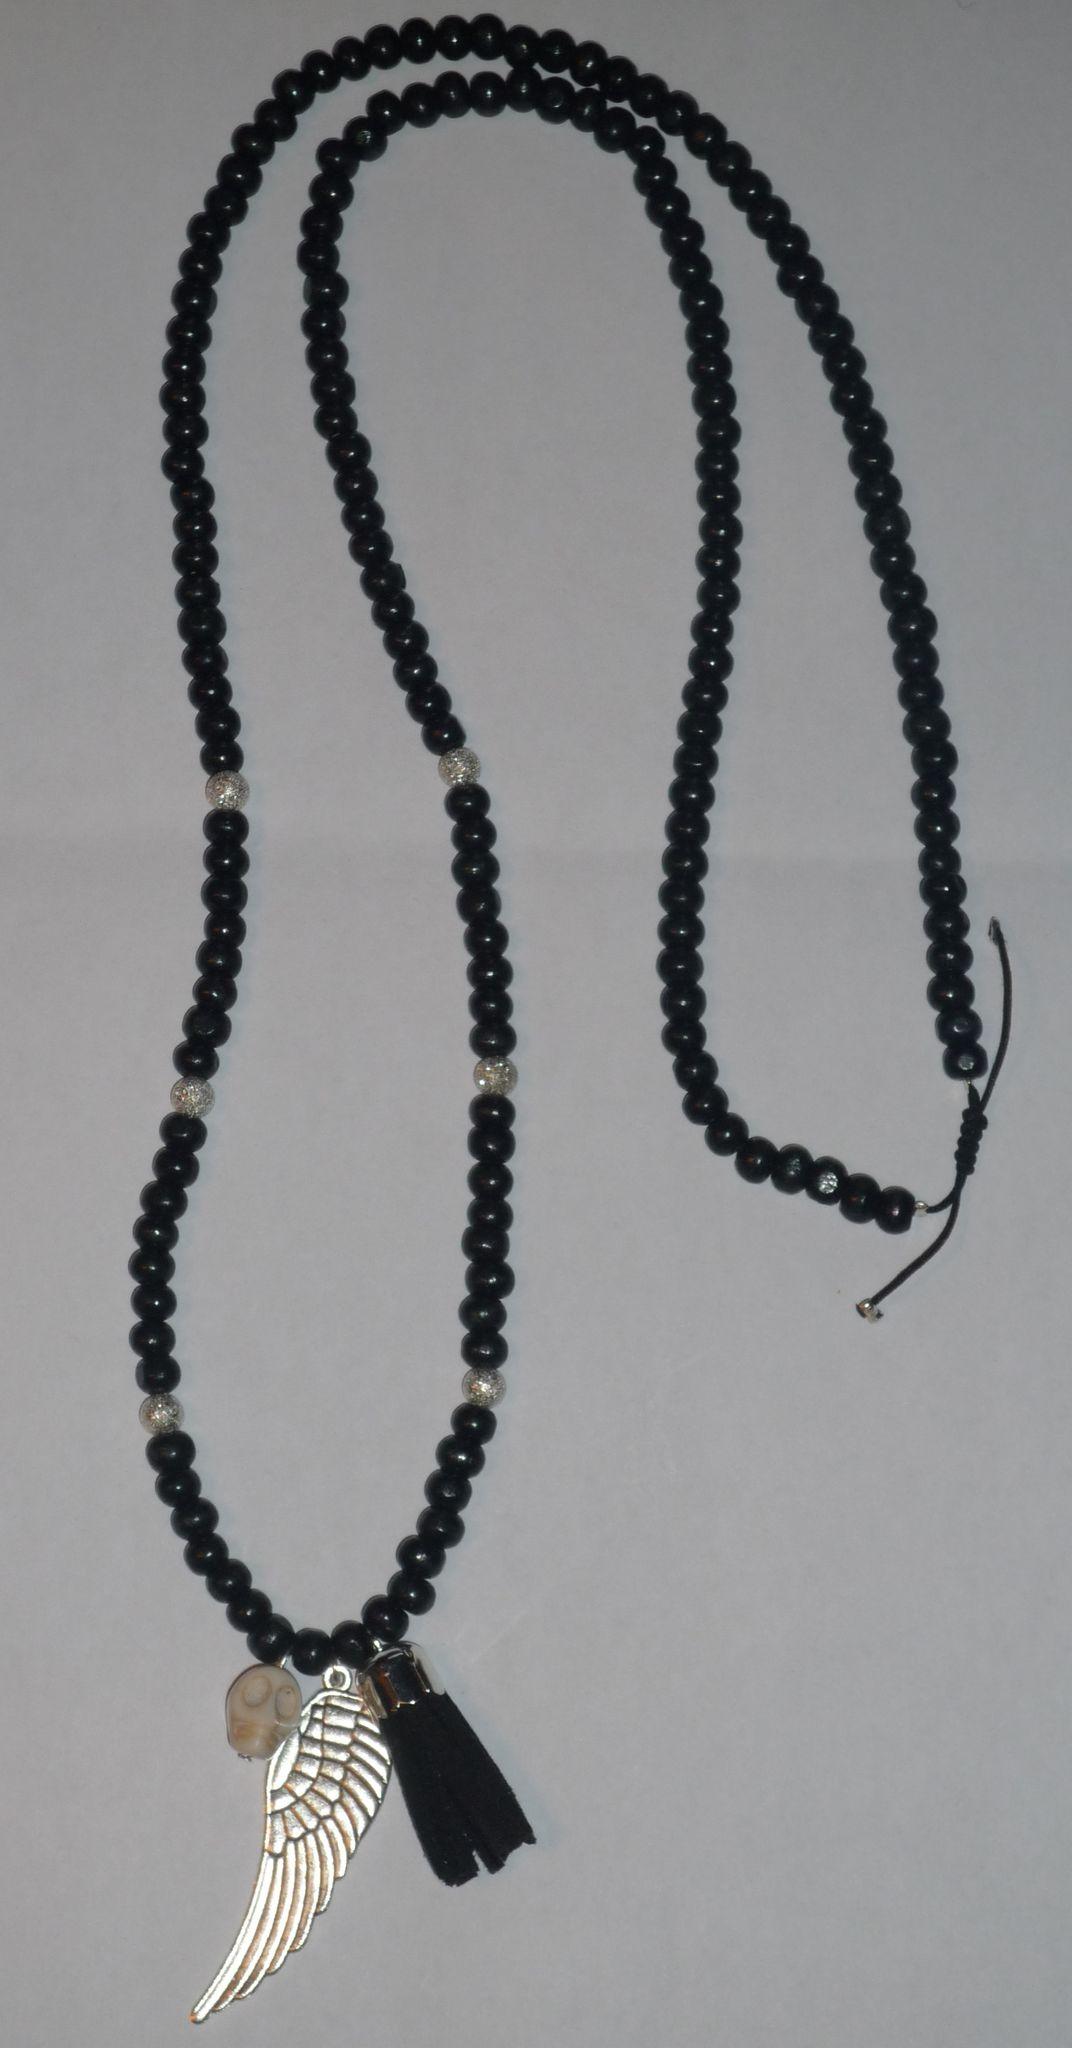 Sautoir 'Aile, Skull, Pompon' Bois noir et perles pailletées